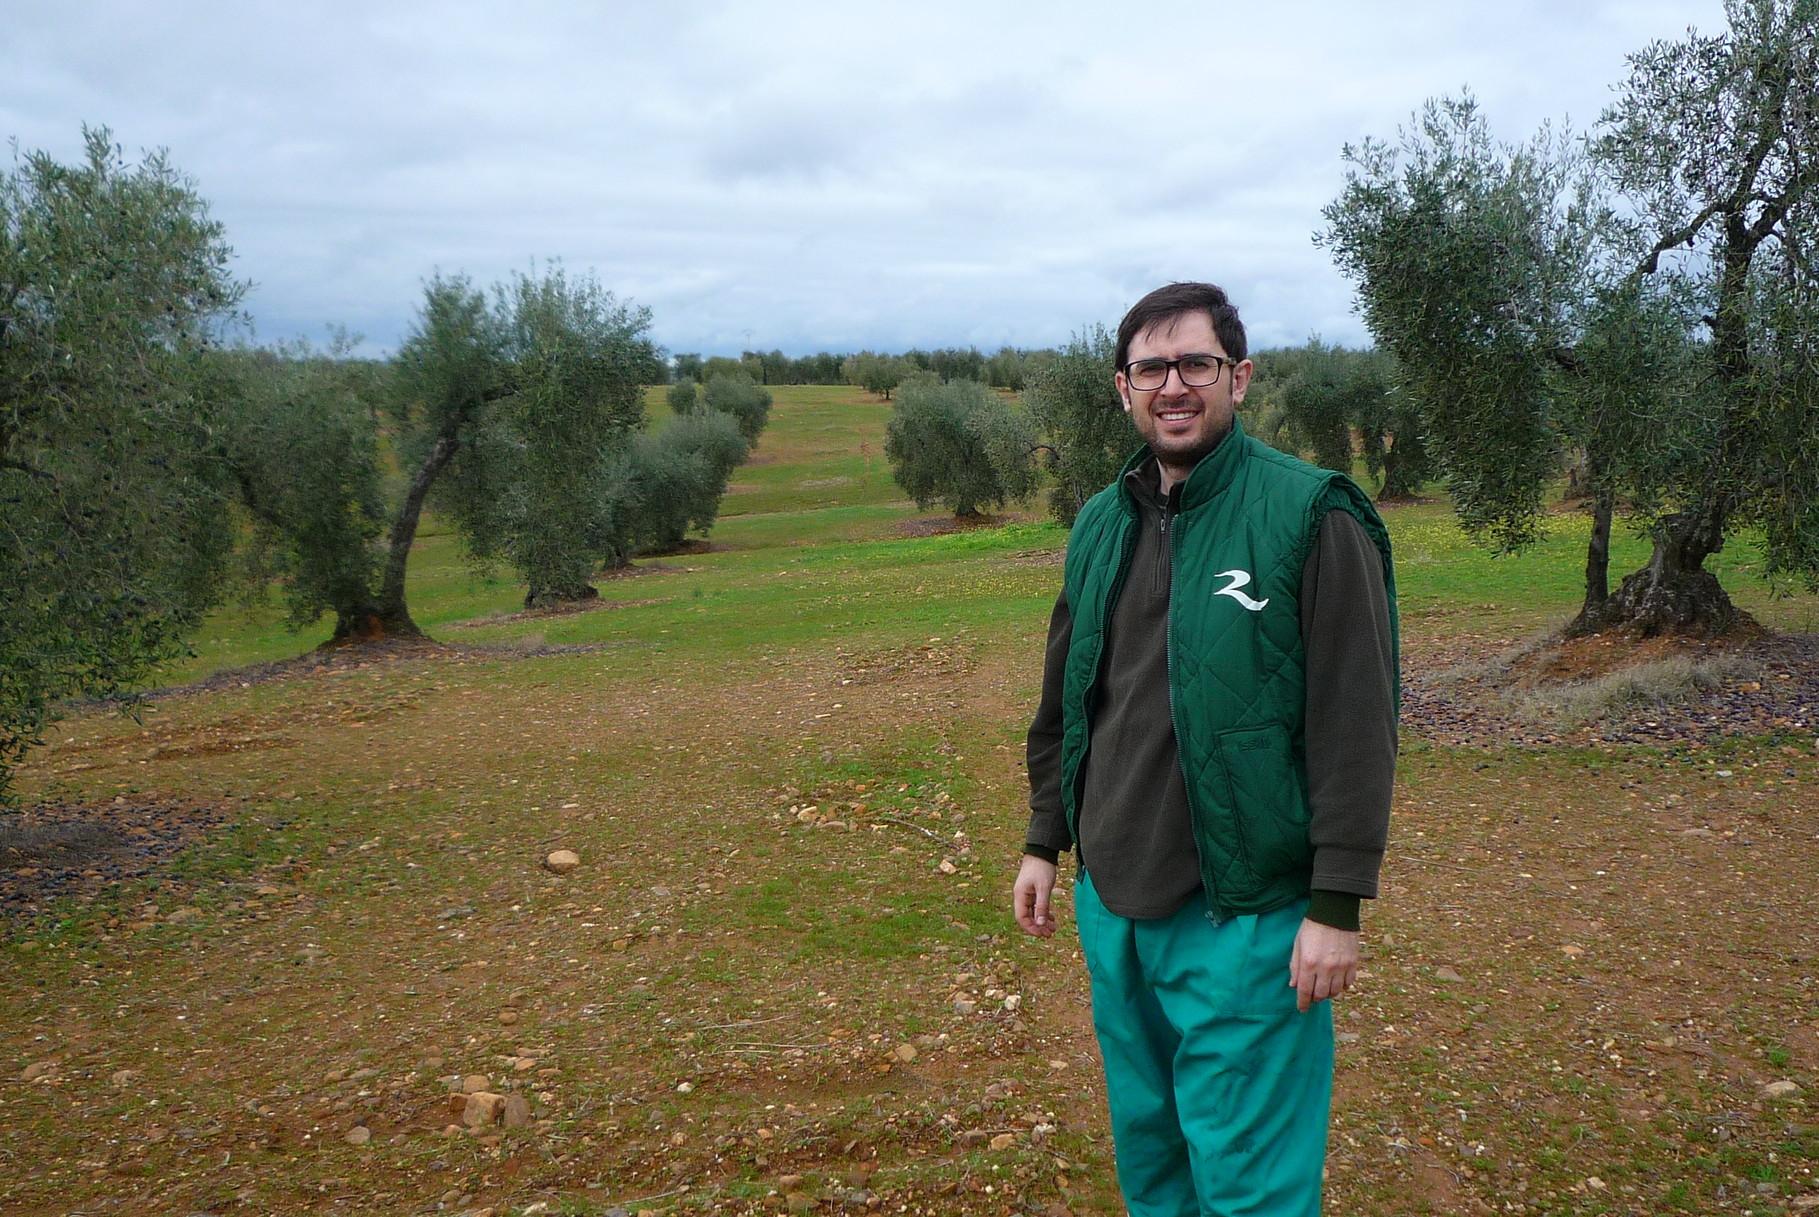 Carlos deGarcia